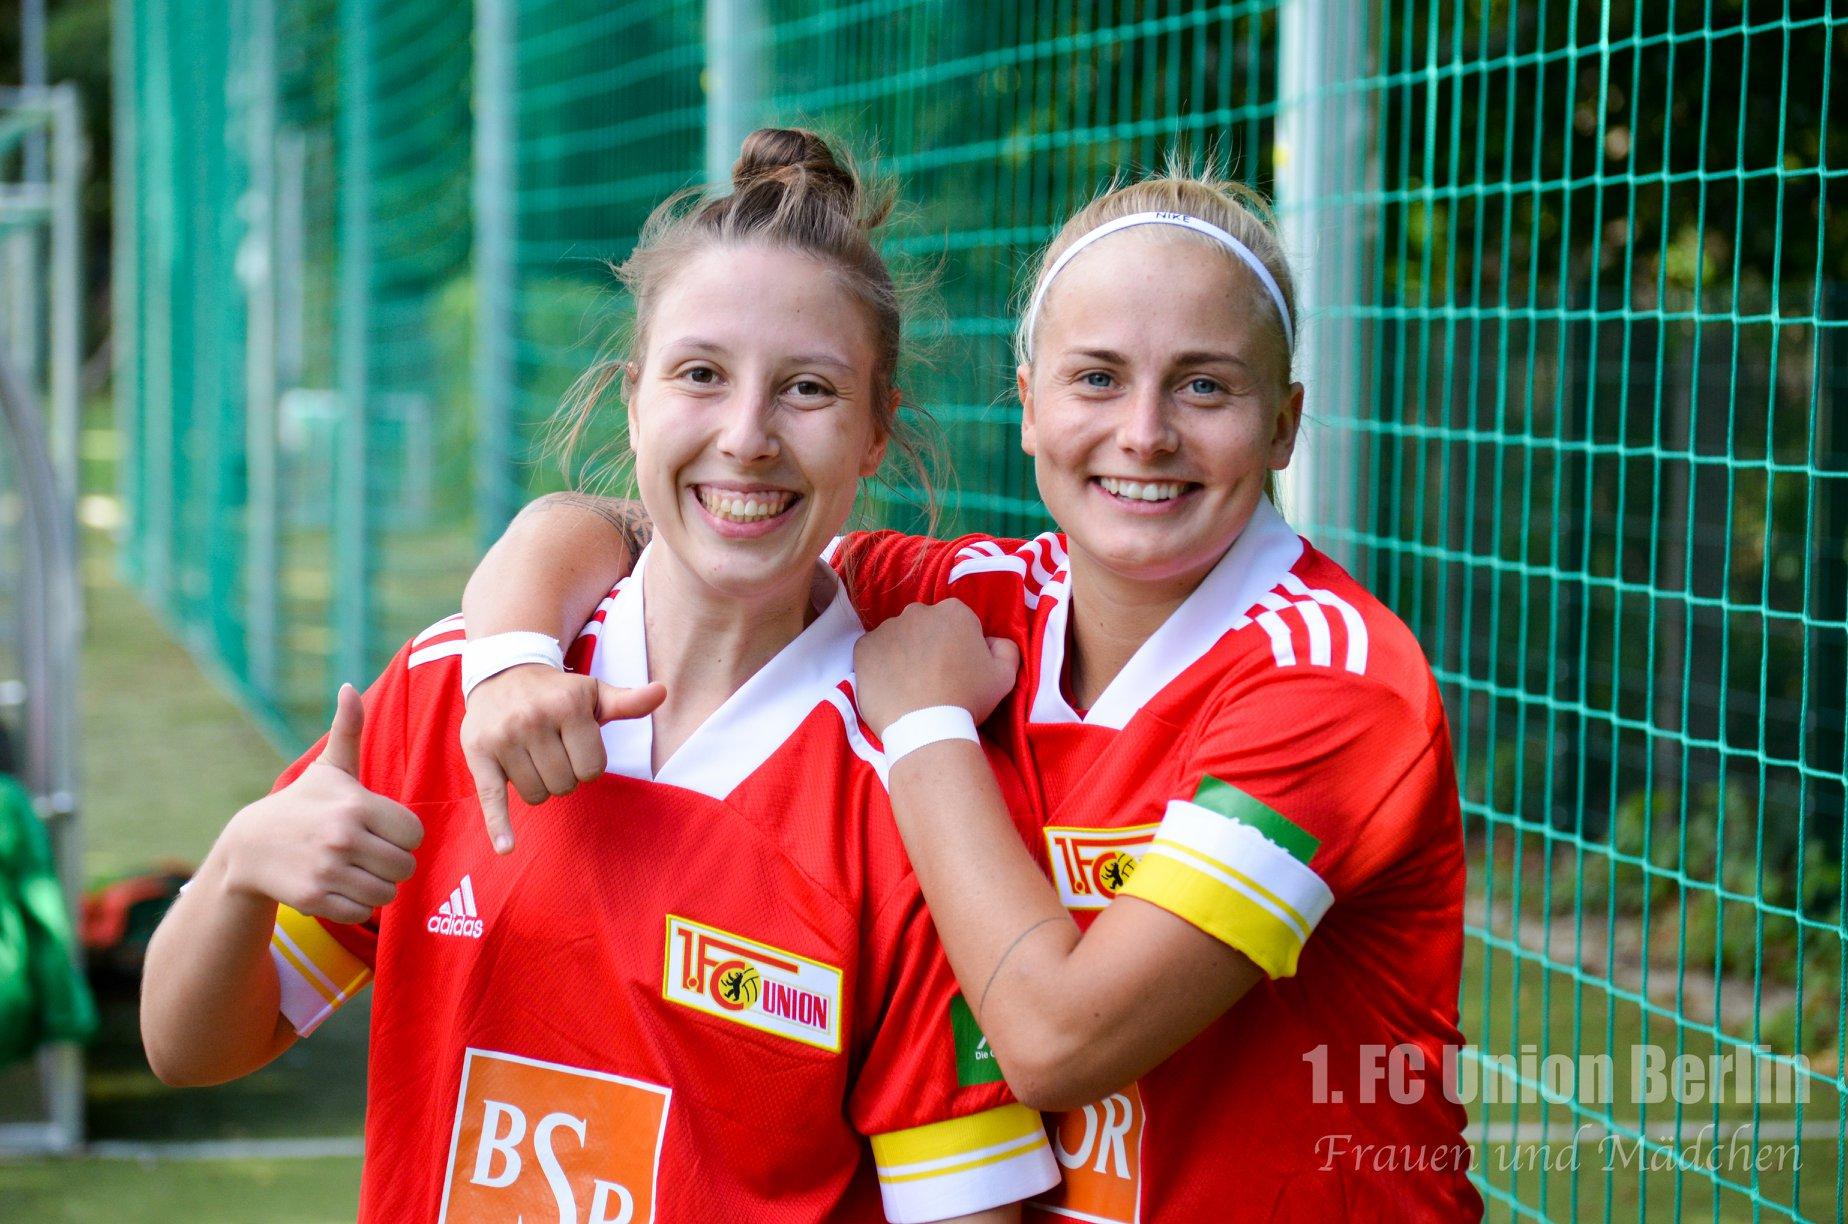 Endlich wieder Fußball, Foto: 1. FC Union Berlin Frauen